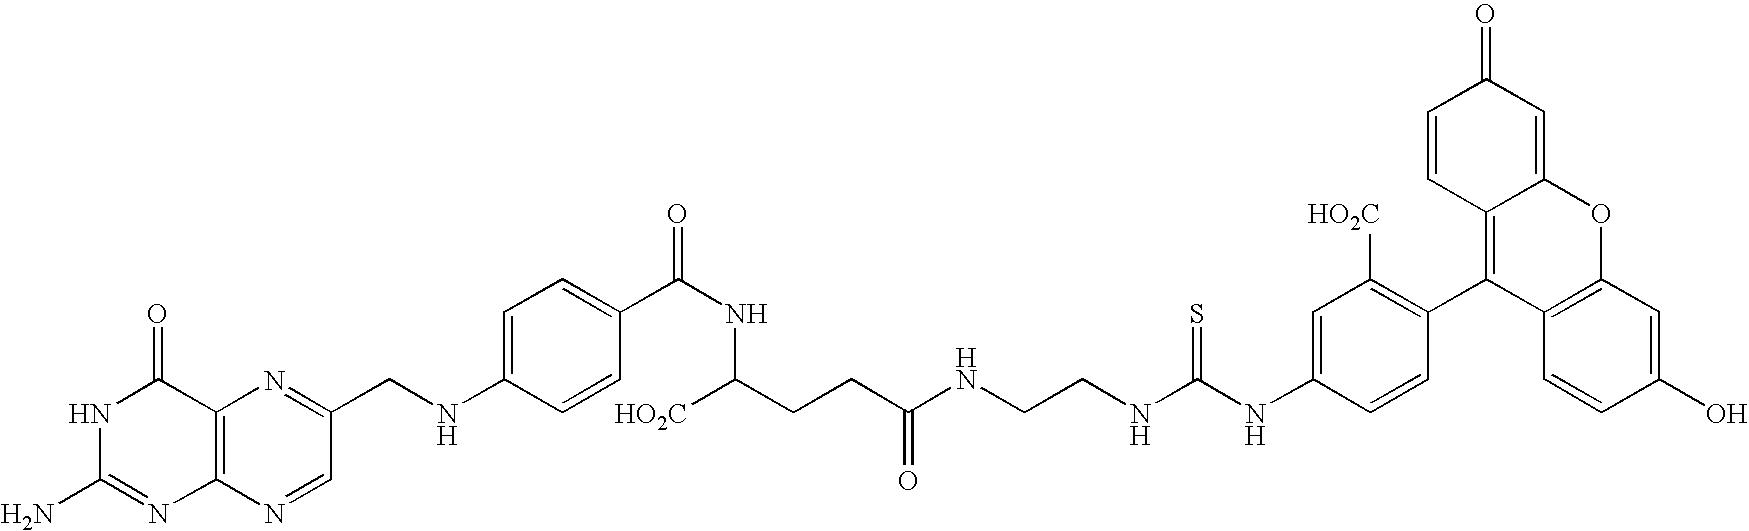 Figure US20100272675A1-20101028-C00011